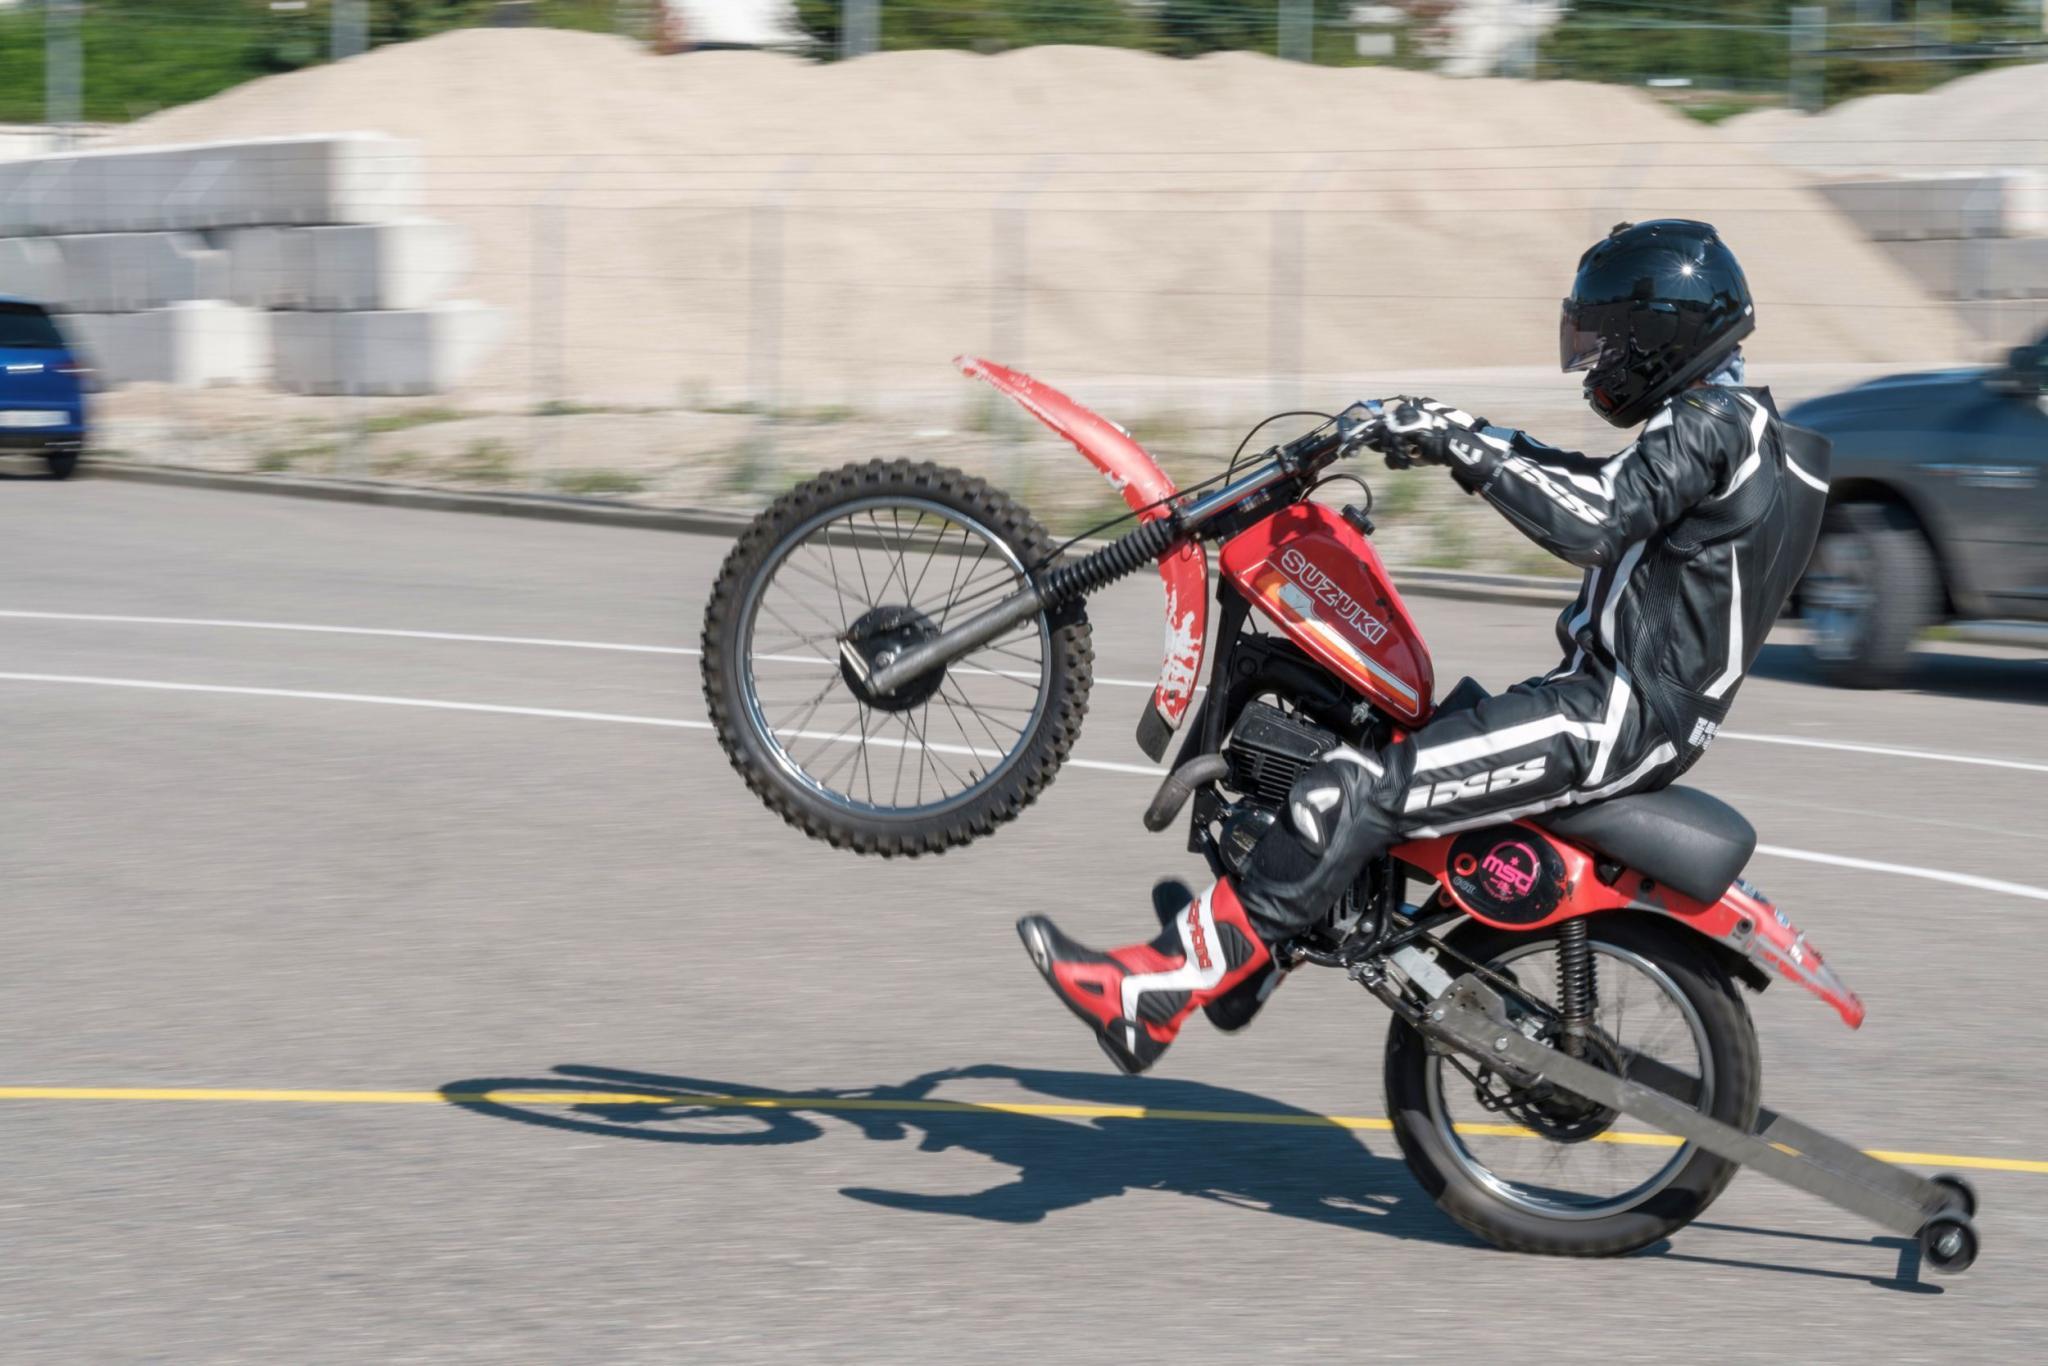 Wheelie Training Bei Fahrschule Mannhard Event